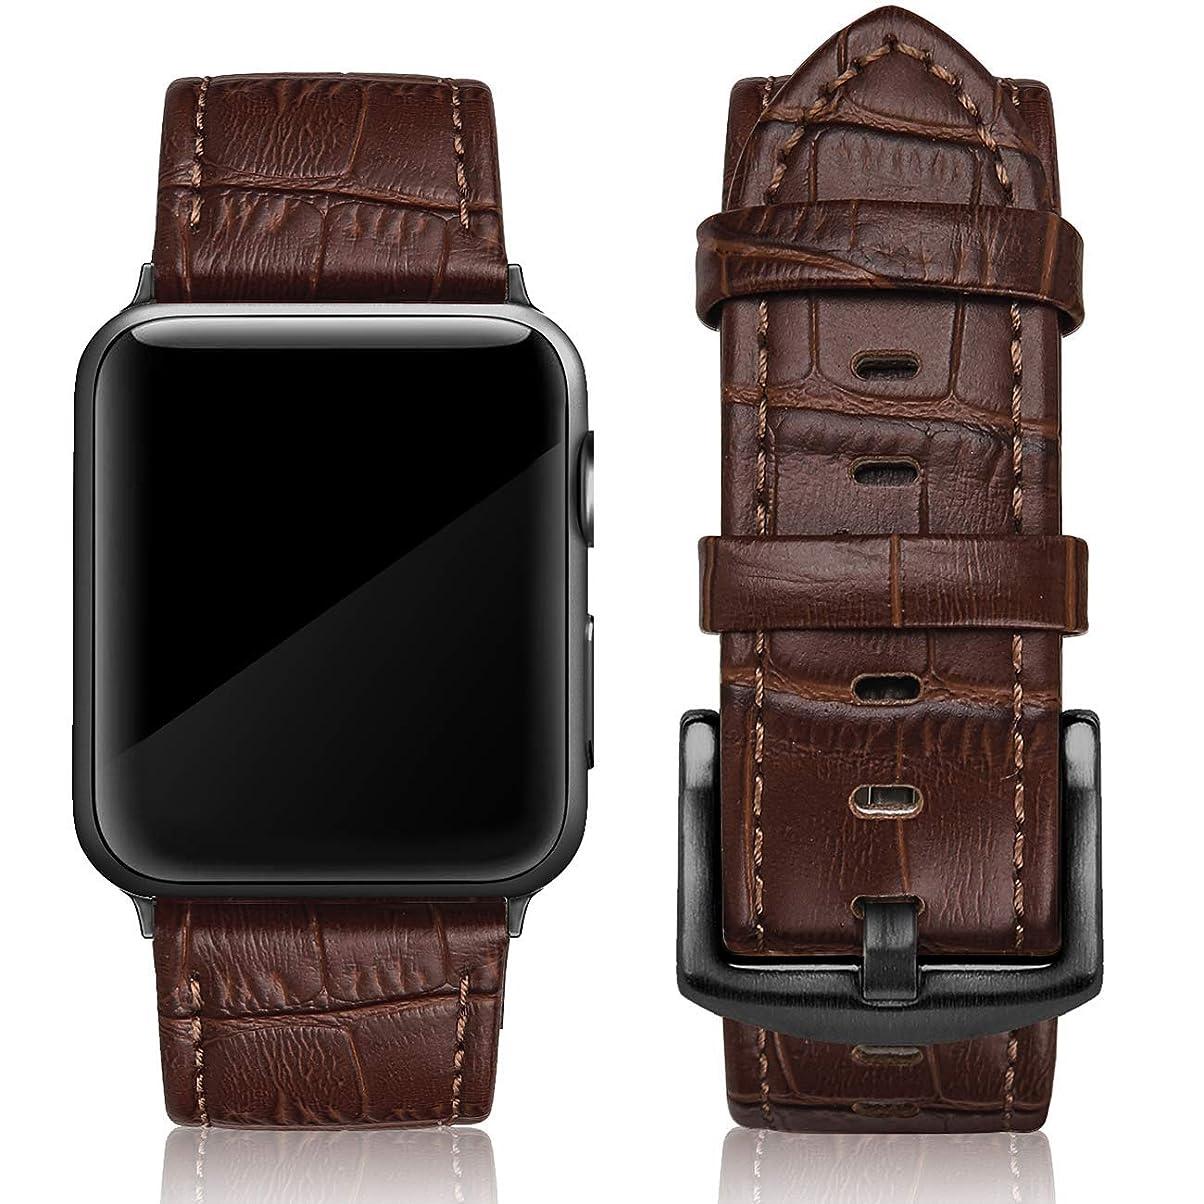 独裁者無数のアジテーションSWEESレザーバンド対応Apple Watch 42mm 44mm、本革ストラップクラシックリストバンド対応iWatch Apple Watchシリーズ5、シリーズ4、シリーズ3、シリーズ2、シリーズ1、スポーツ&エディションメンズ、リチーブラック